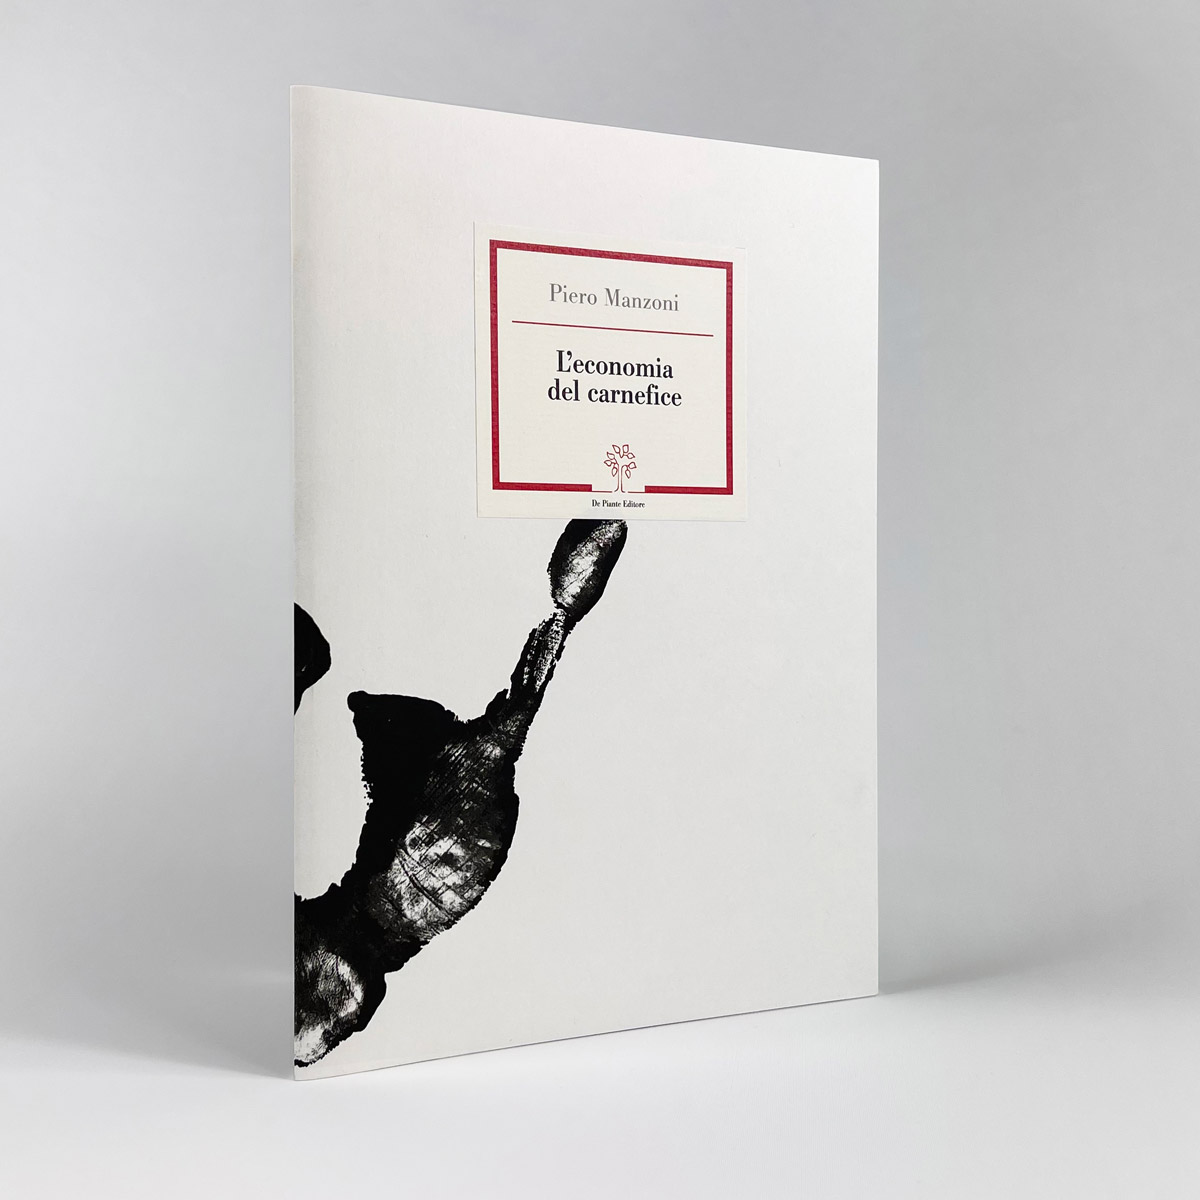 Piero Manzoni - L'economia del carnefice